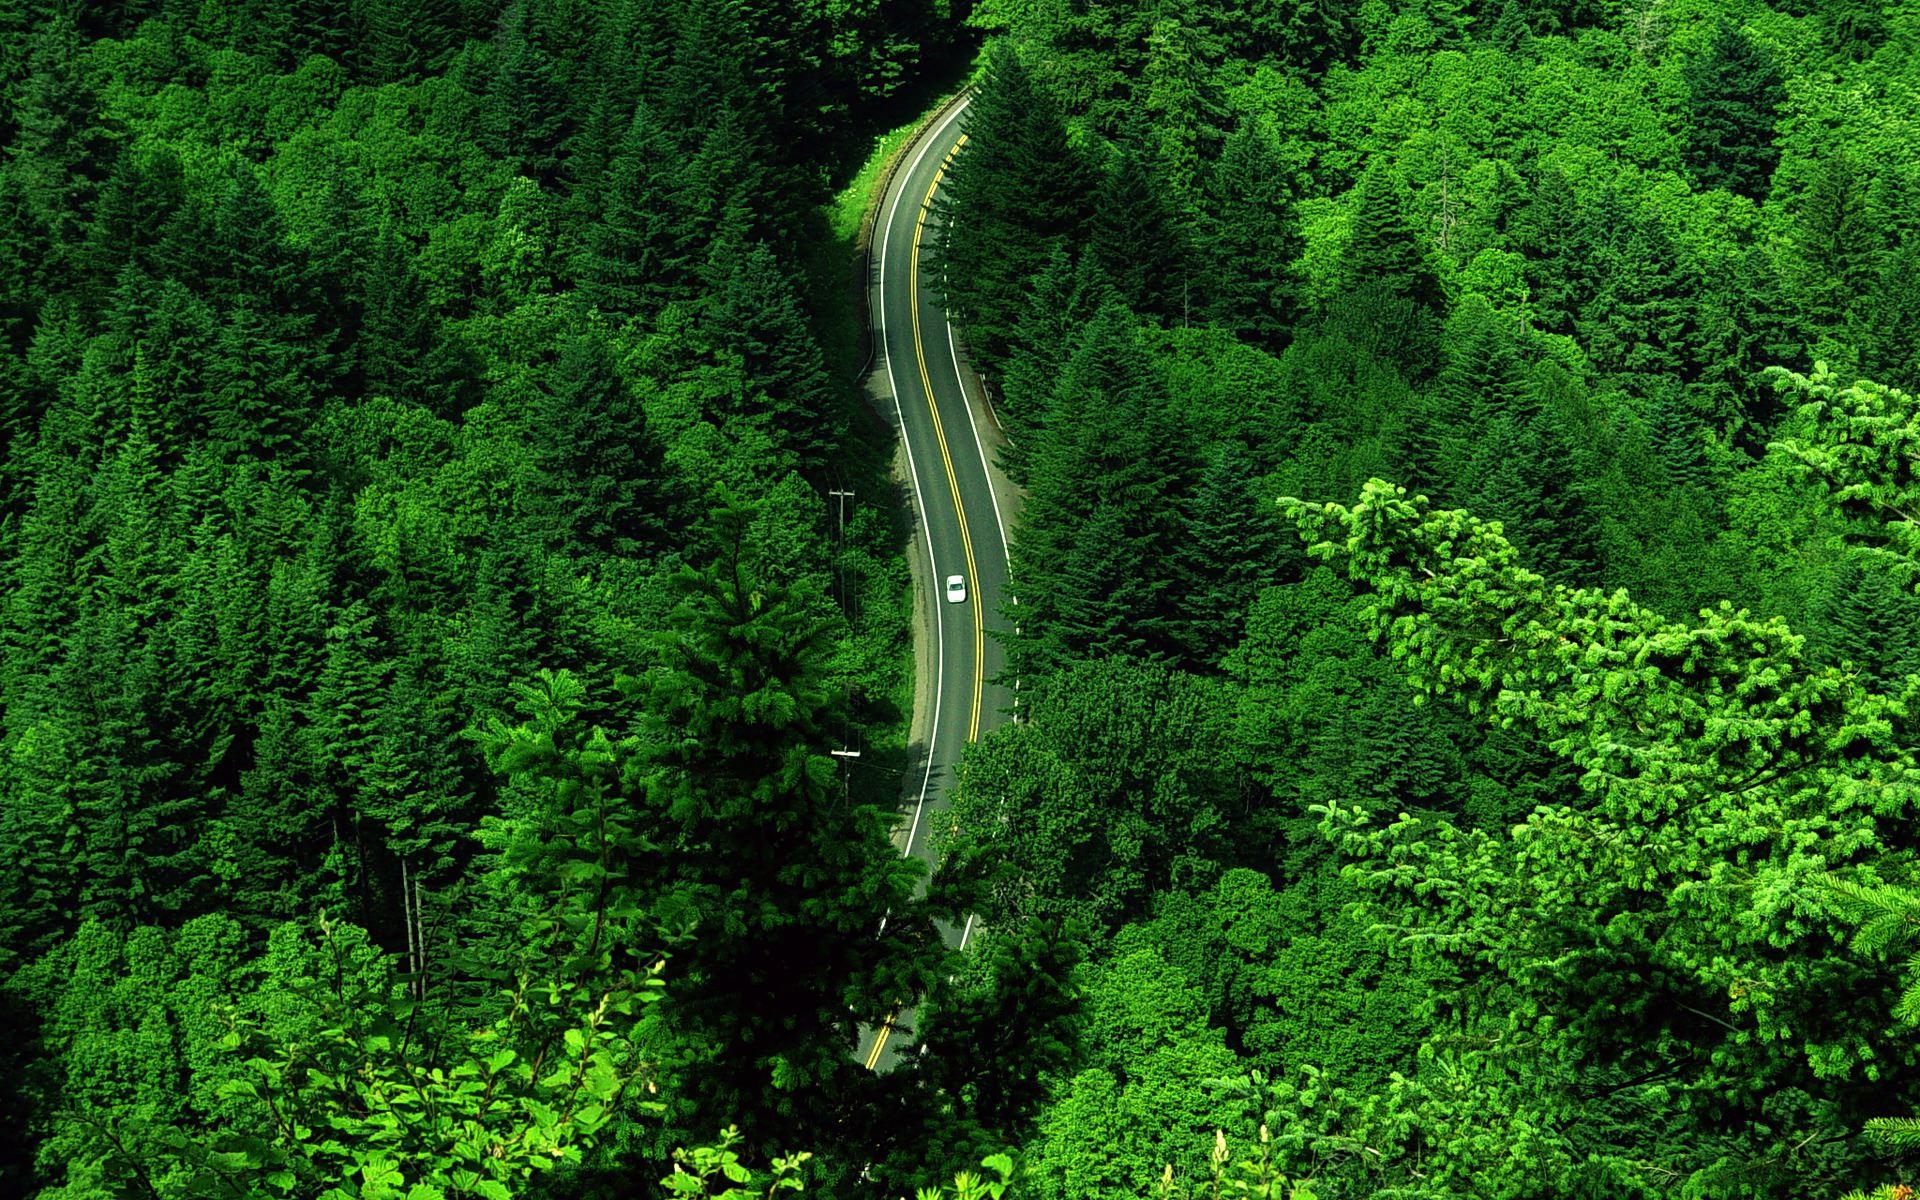 шоссе, дорога через лес, скачать фото, зелень, зеленые деревья, обои для рабочего стола